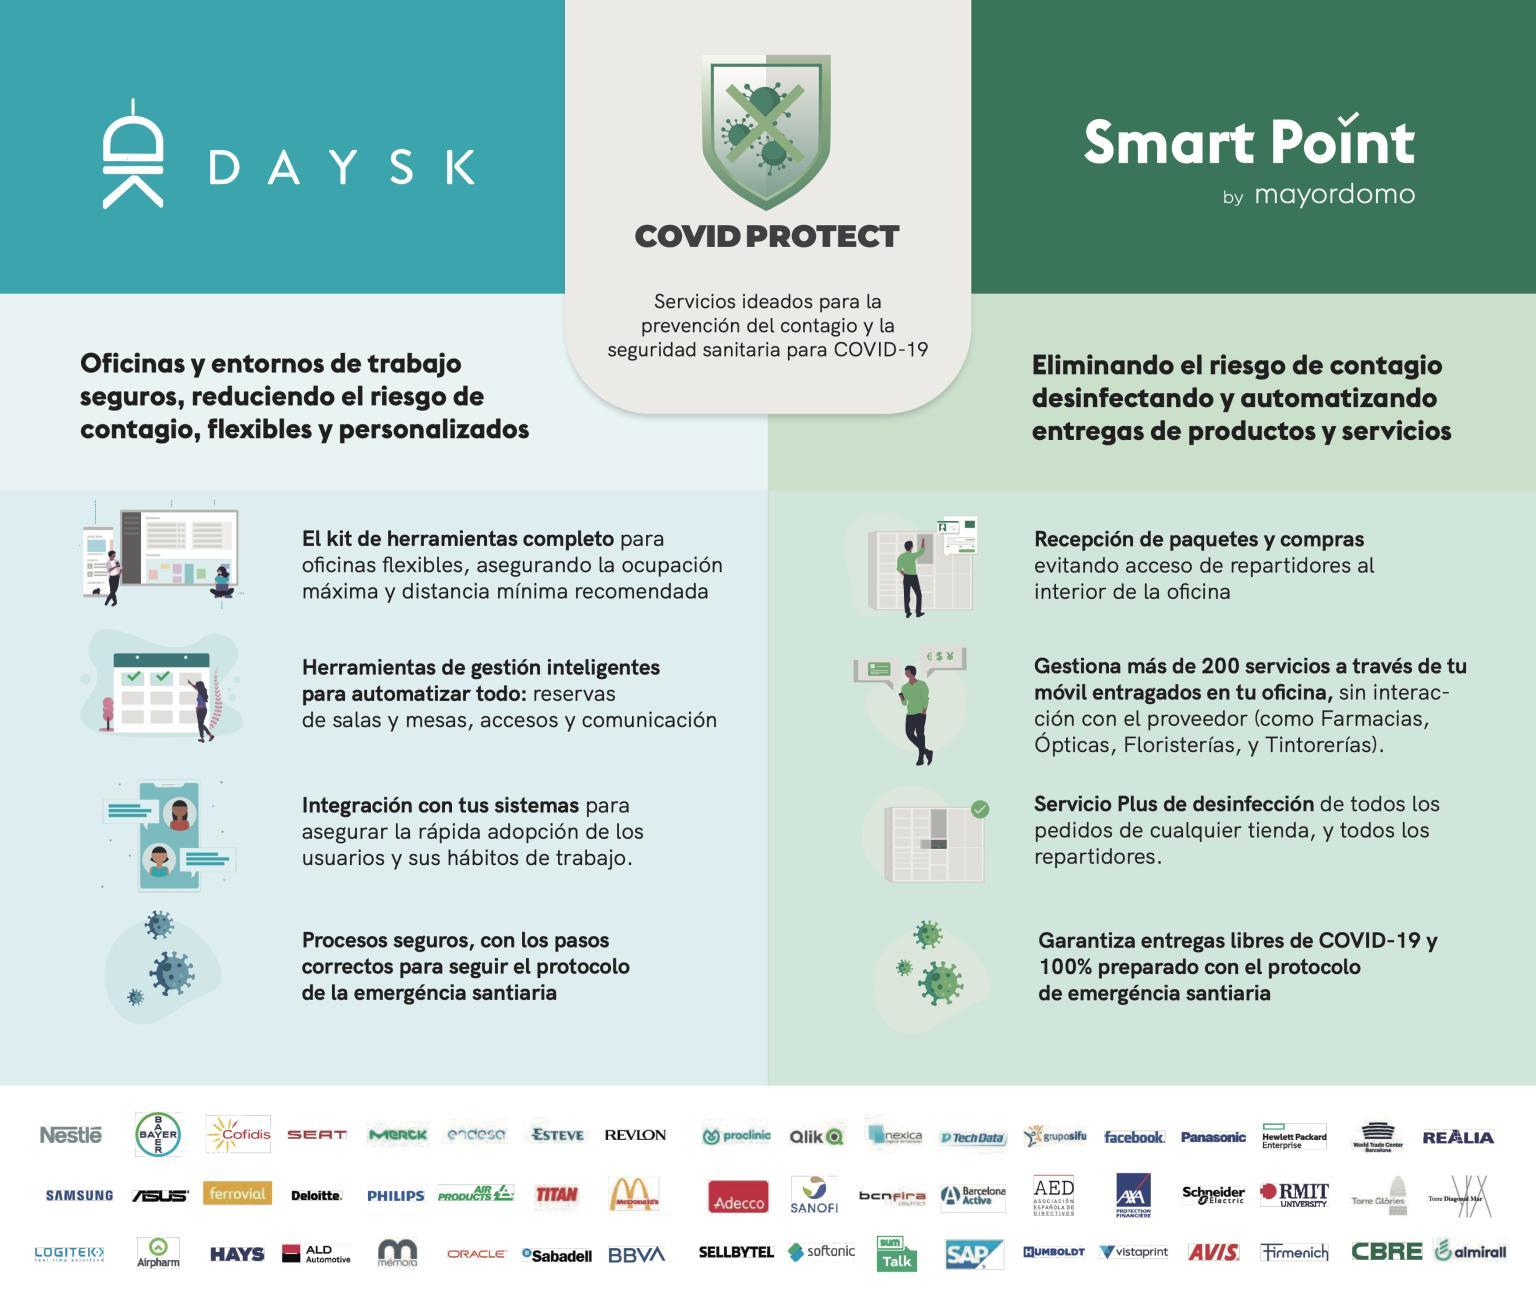 Daysk & Mayordomo firman un acuerdo de colaboración para ofrecer más servicios a sus clientes